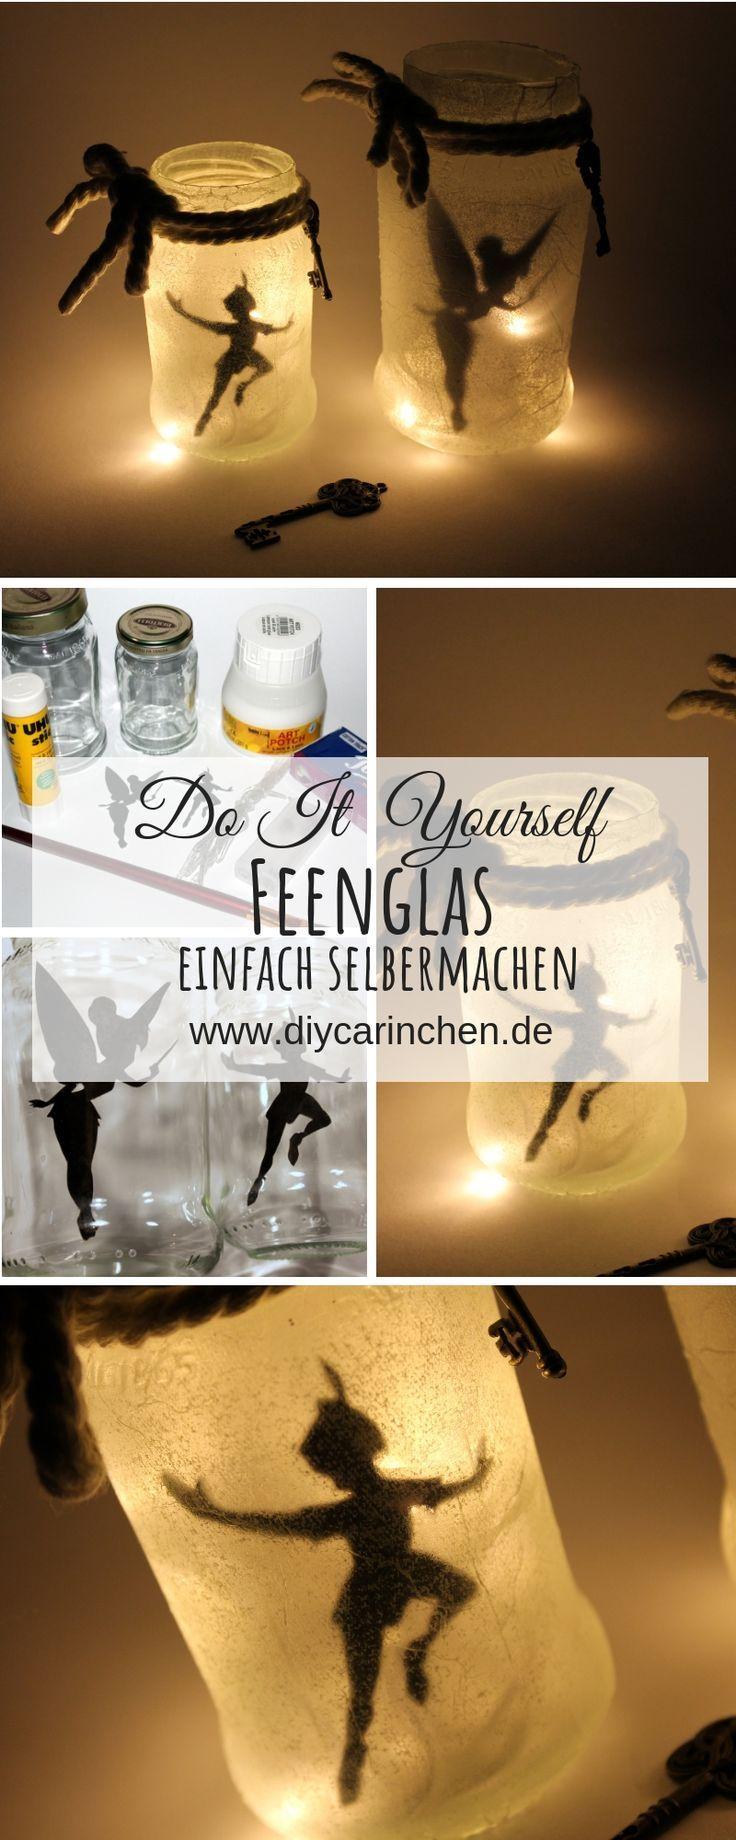 DIY Feenglas Tinkerbell / Peter Pan ganz einfach selber machen – DIYCarinchen – DIY Ideen: Basteln, Geschenke, Deko, und Wohnen